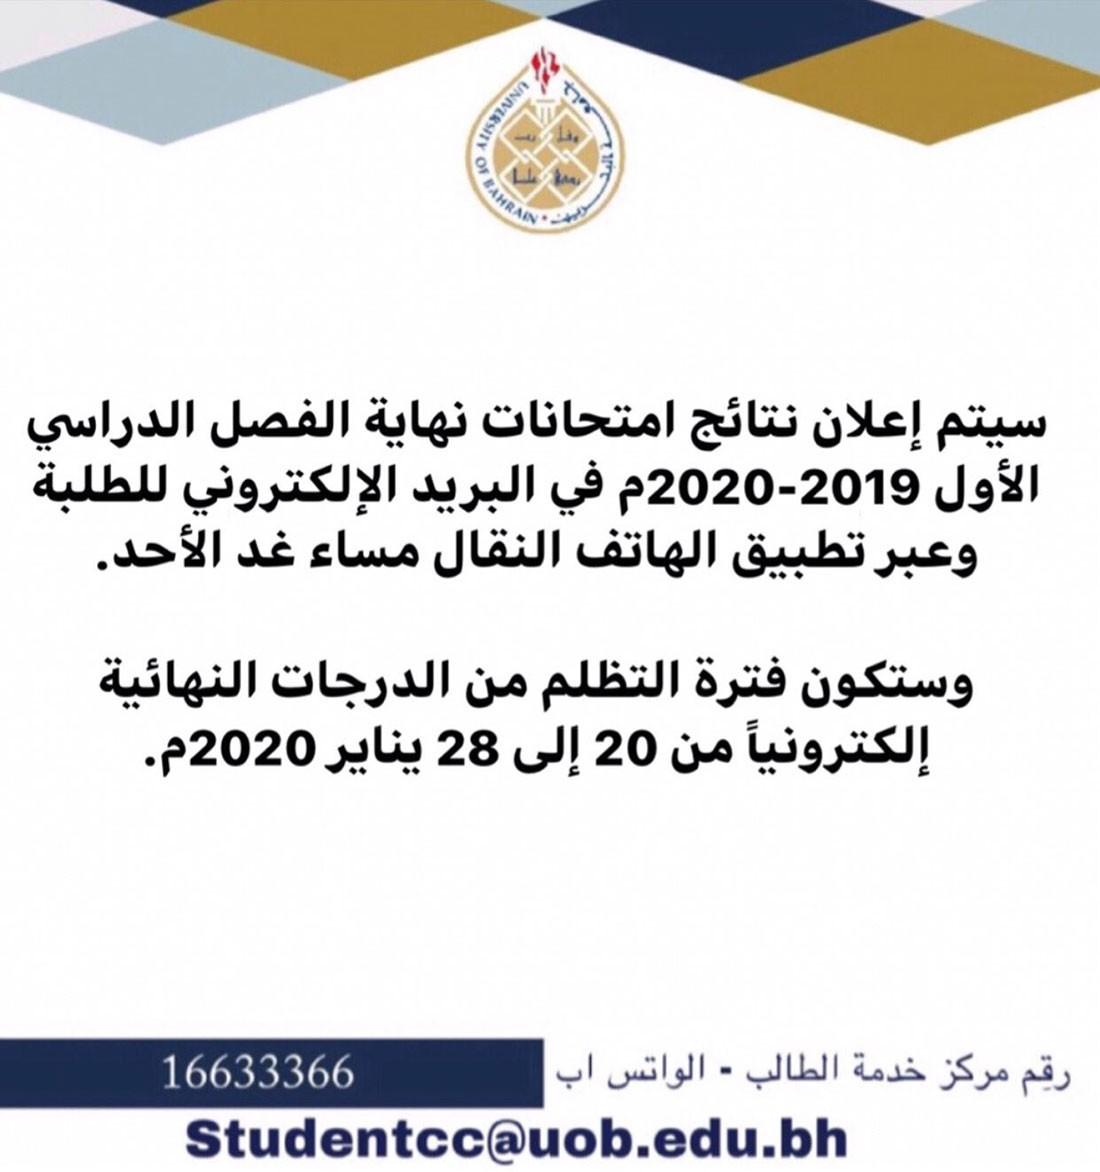 غداً الأحد الإعلان عن نتائج امتحانات جامعة البحرين